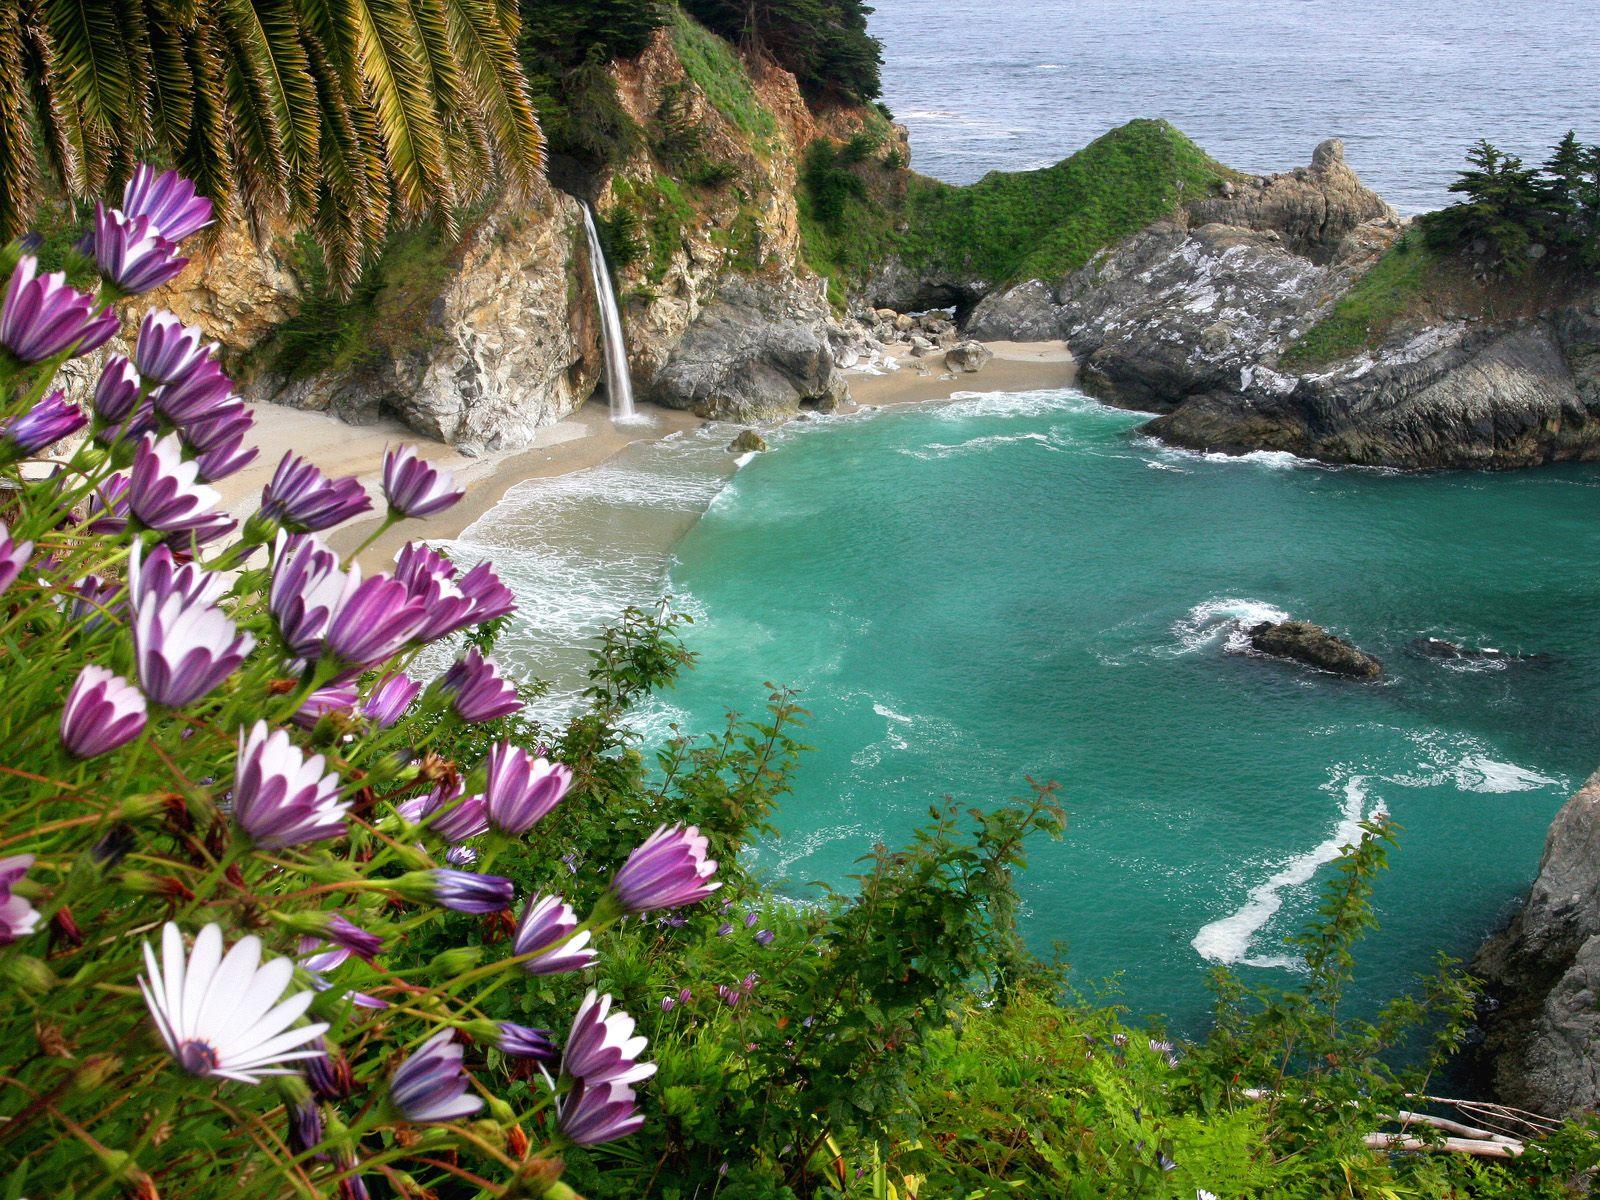 Banco de Imágenes Gratis: Las mejores imágenes de paisajes ...